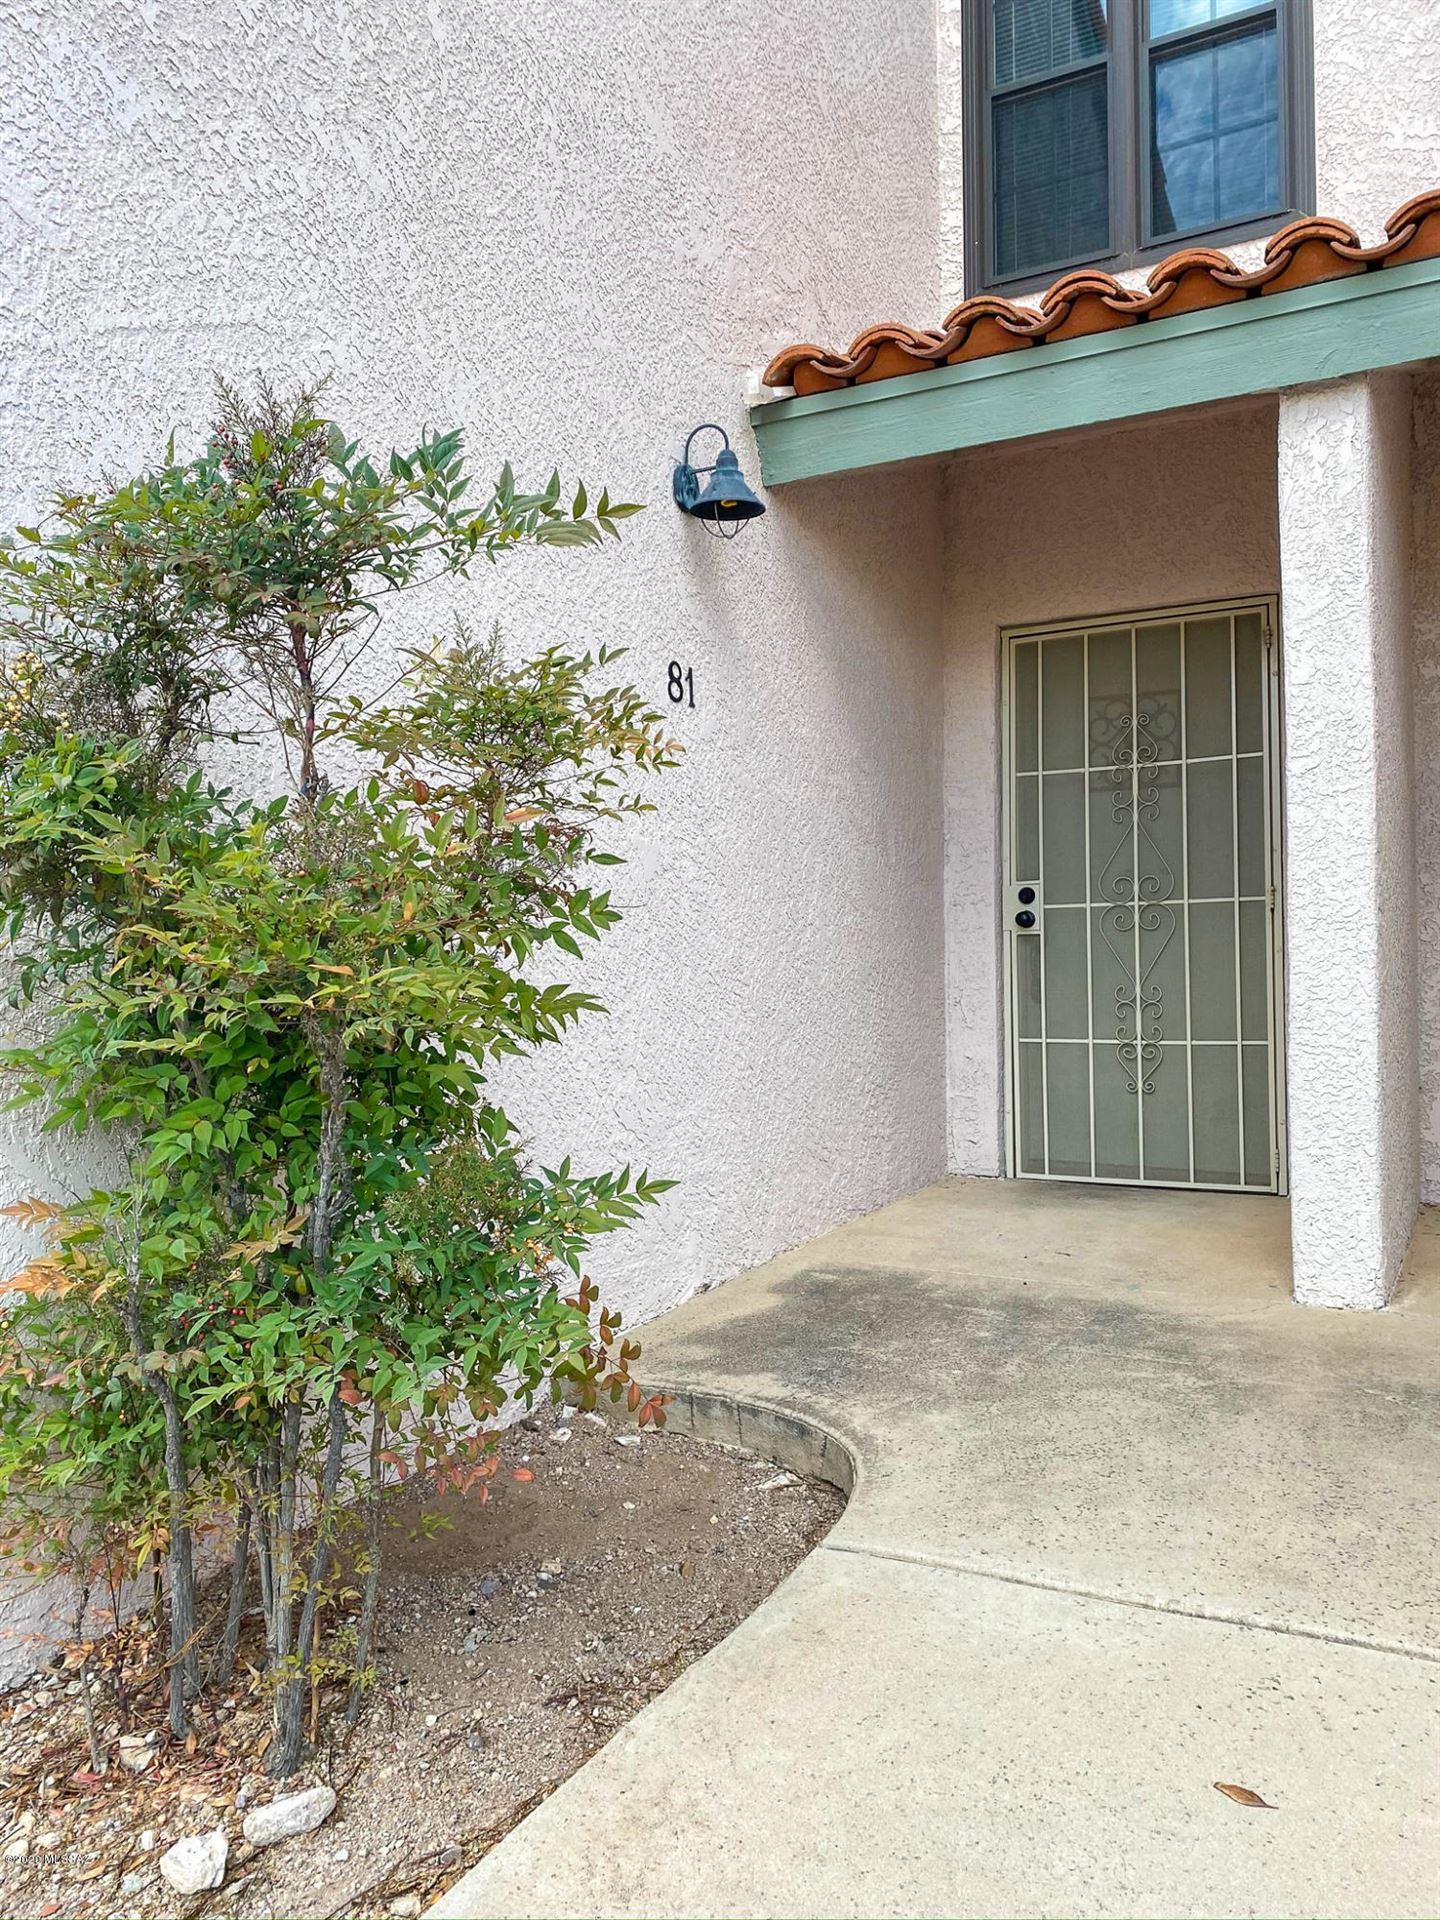 6510 N Tierra De Las Catalinas #81, Tucson, AZ 85718 - MLS#: 22016250